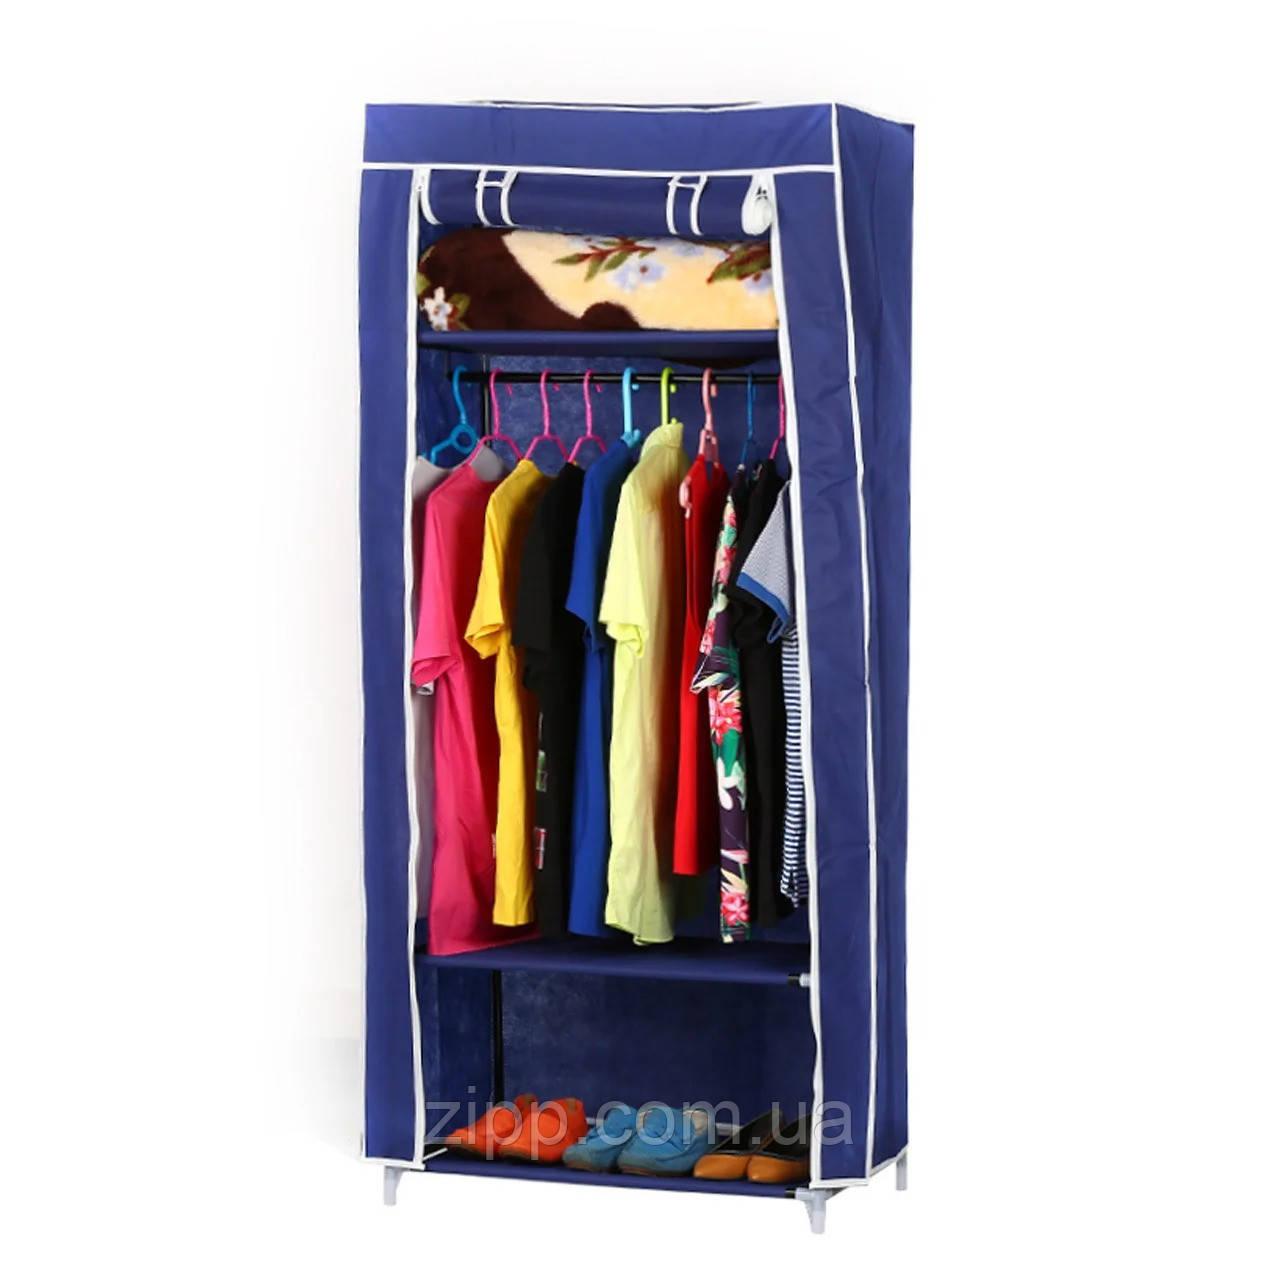 Складаний тканинний шафа Storage Wardrobe 8870   Органайзер каркасний для речей   Мобільний шафа для одягу